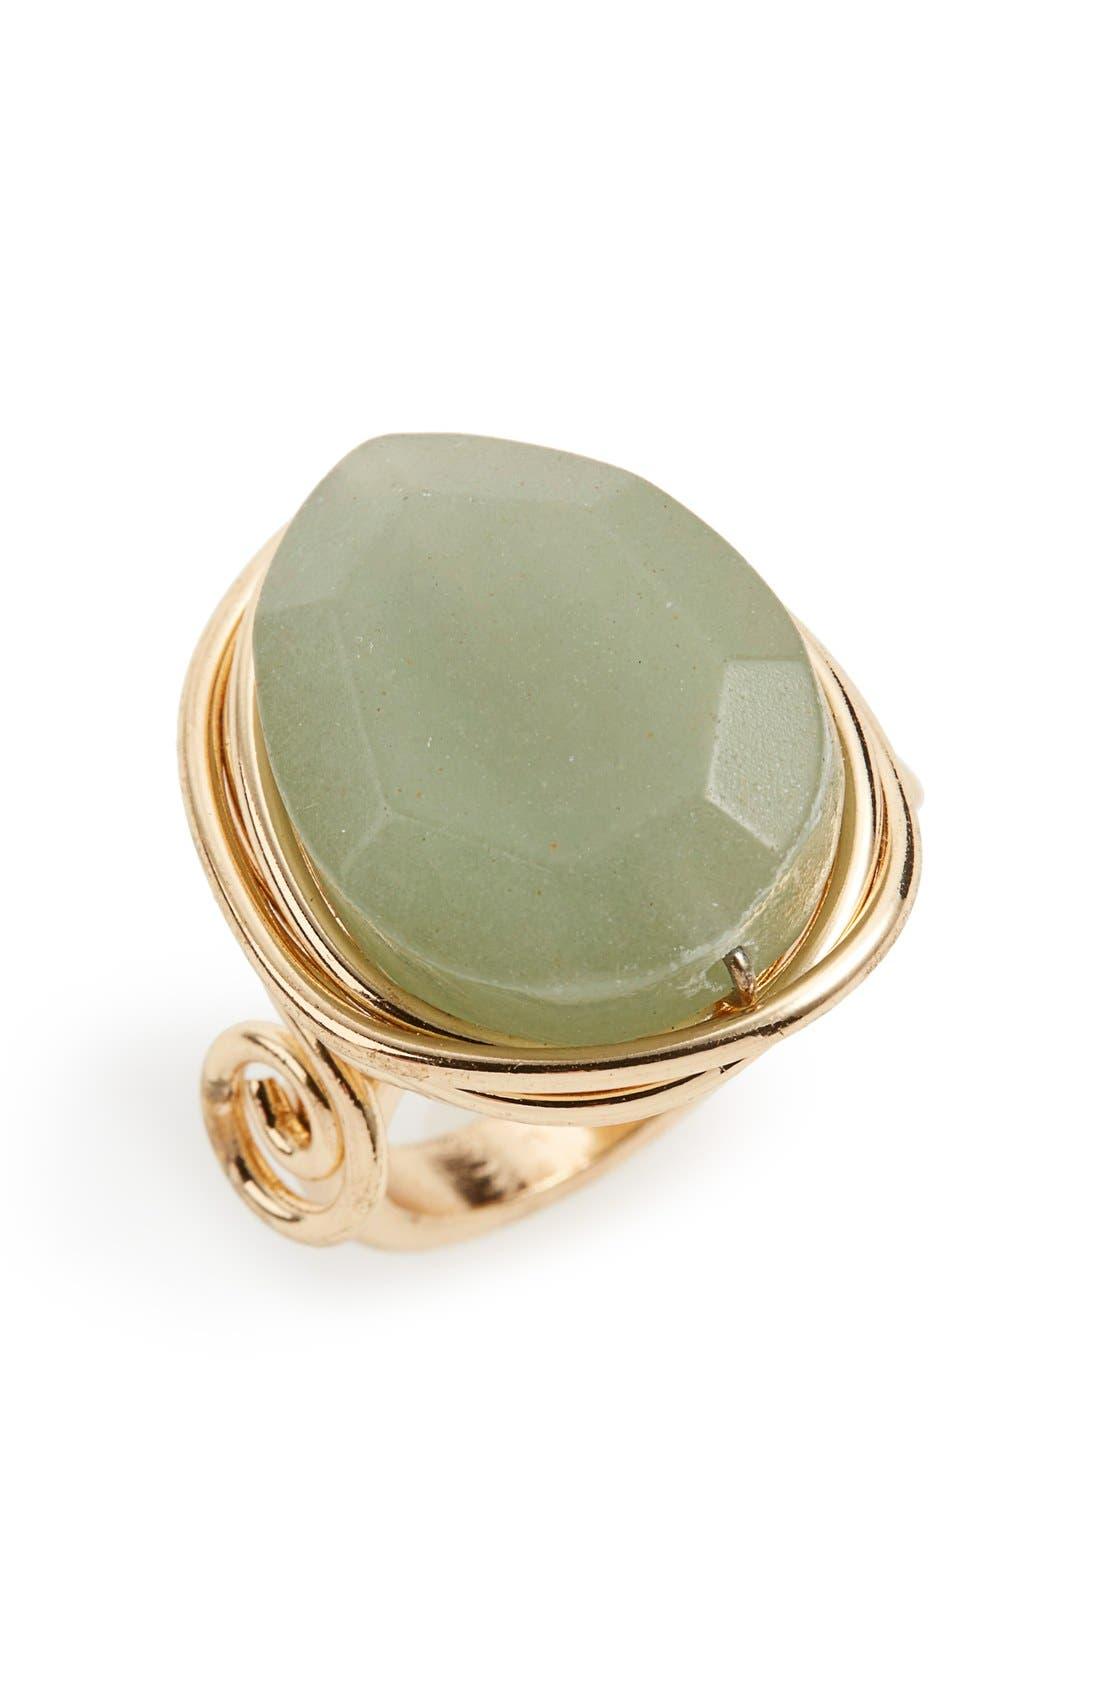 TOPSHOP, Jade Ring, Main thumbnail 1, color, 710